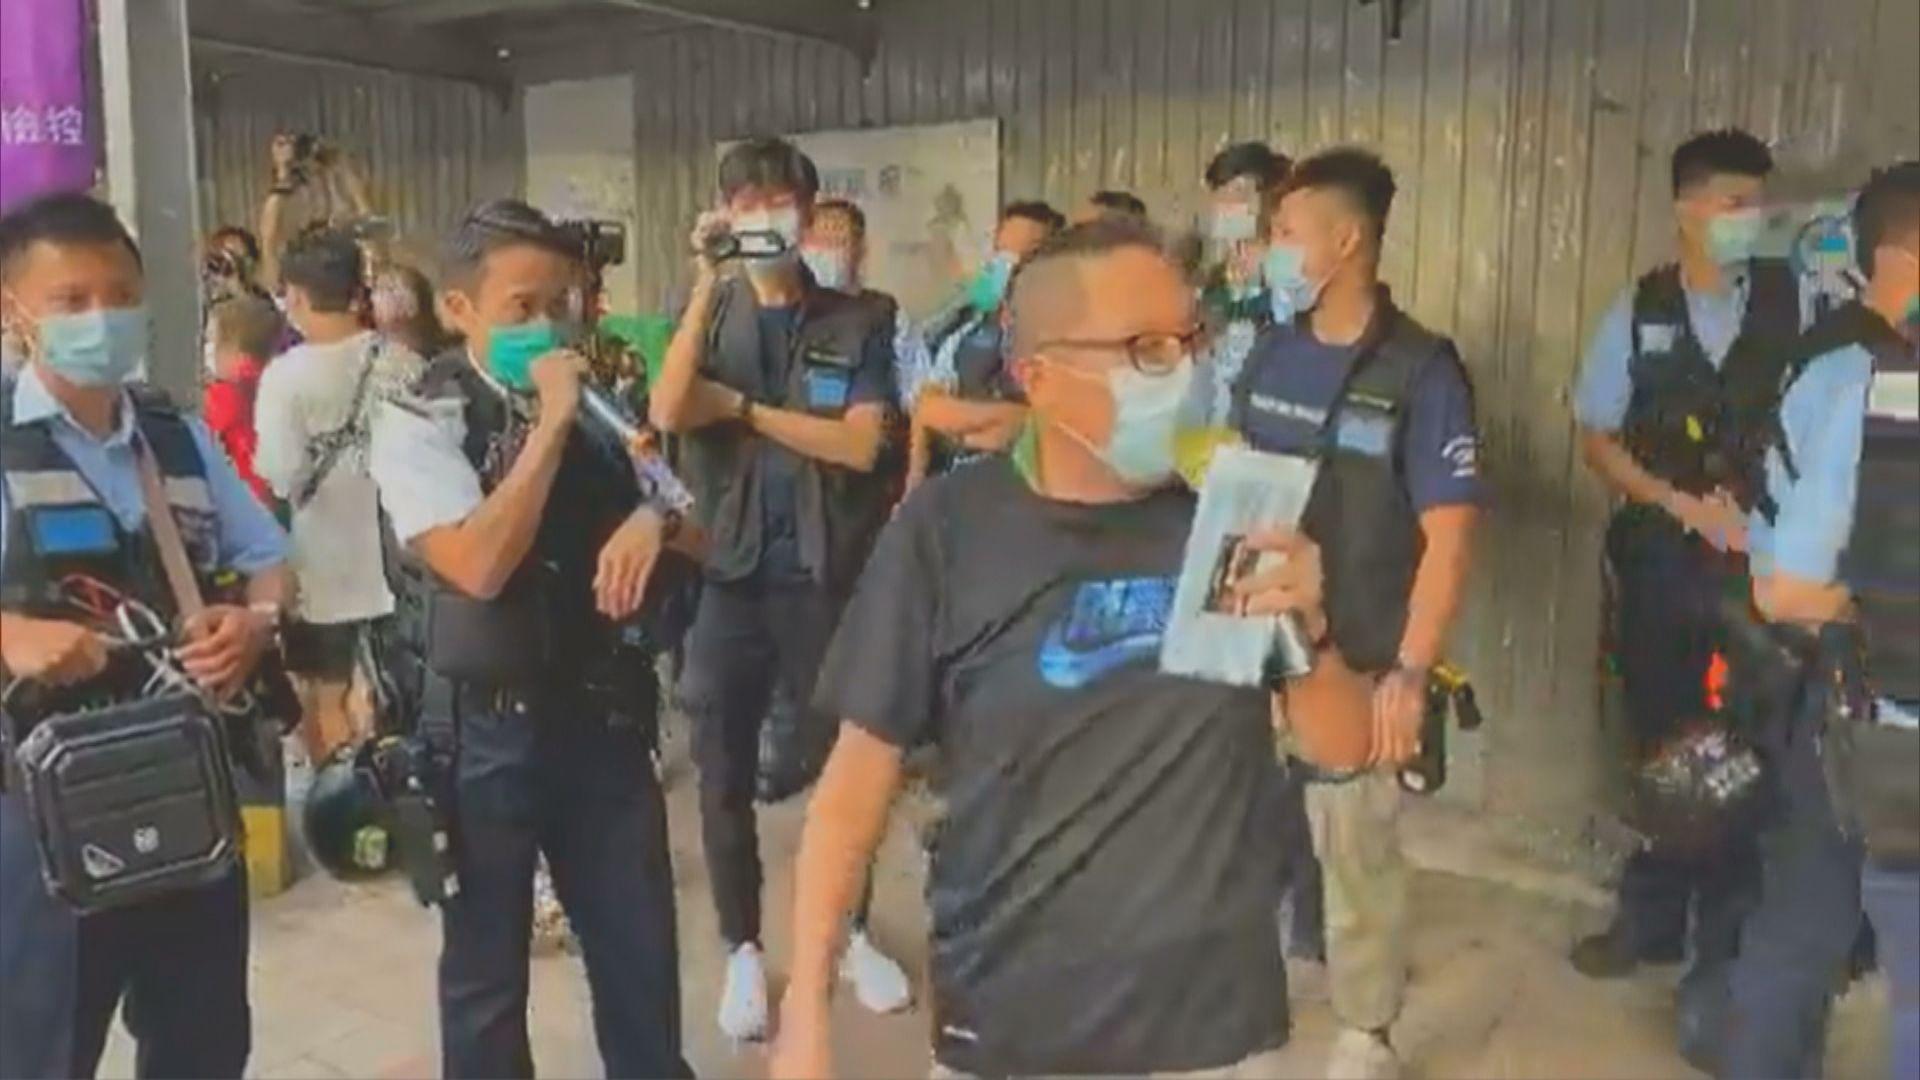 警拘譚得志指他以防疫講座為名 宣傳藐視政府言論